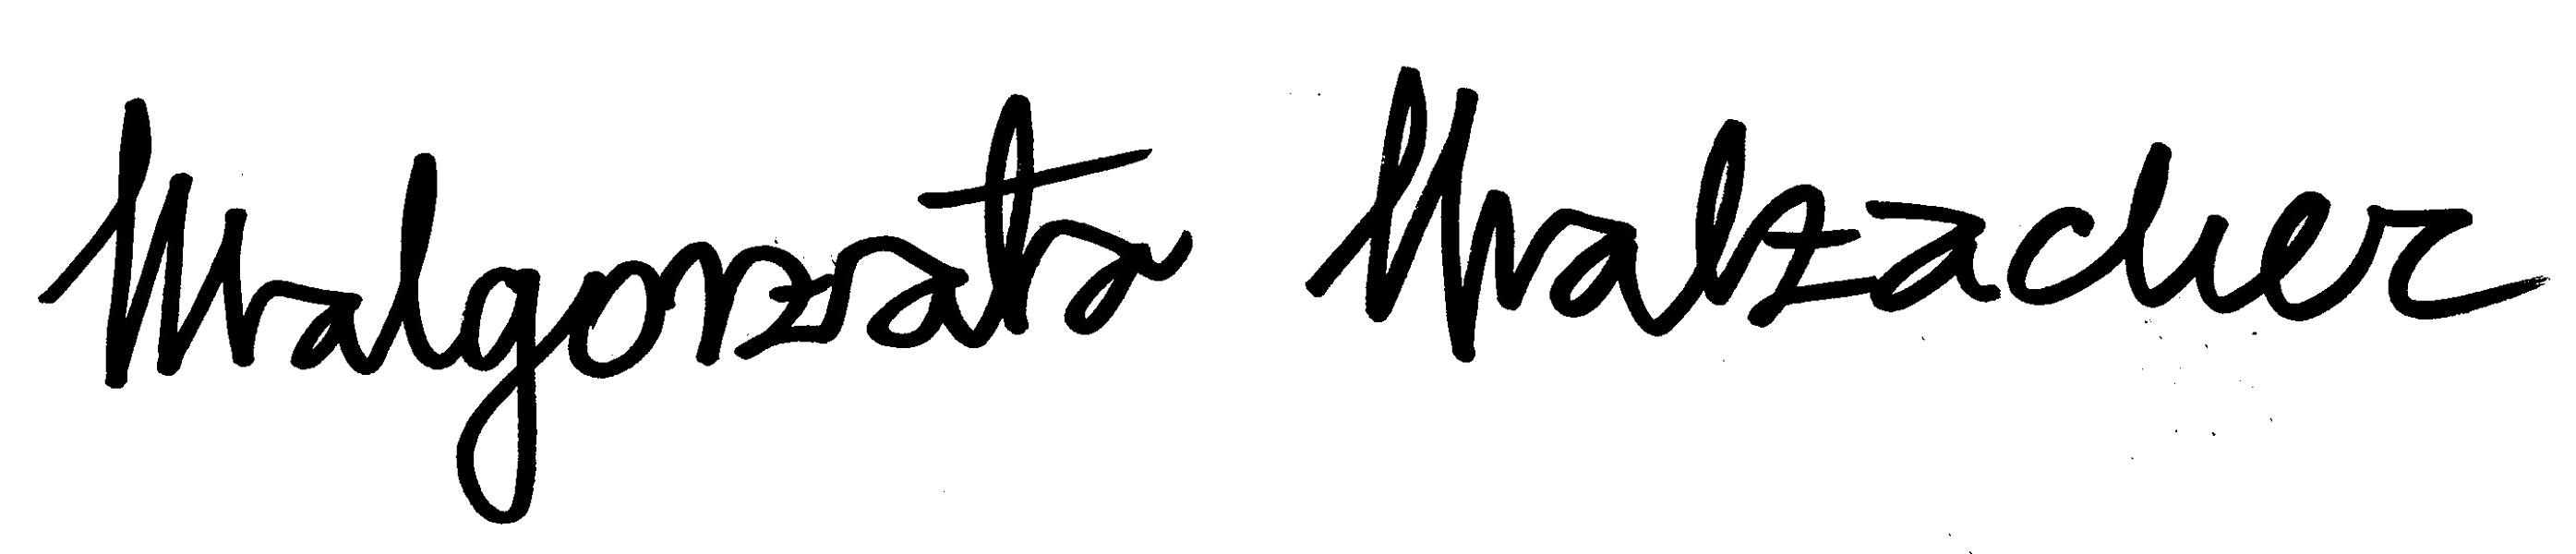 57033fe2be03abd940b52ac7 Signature